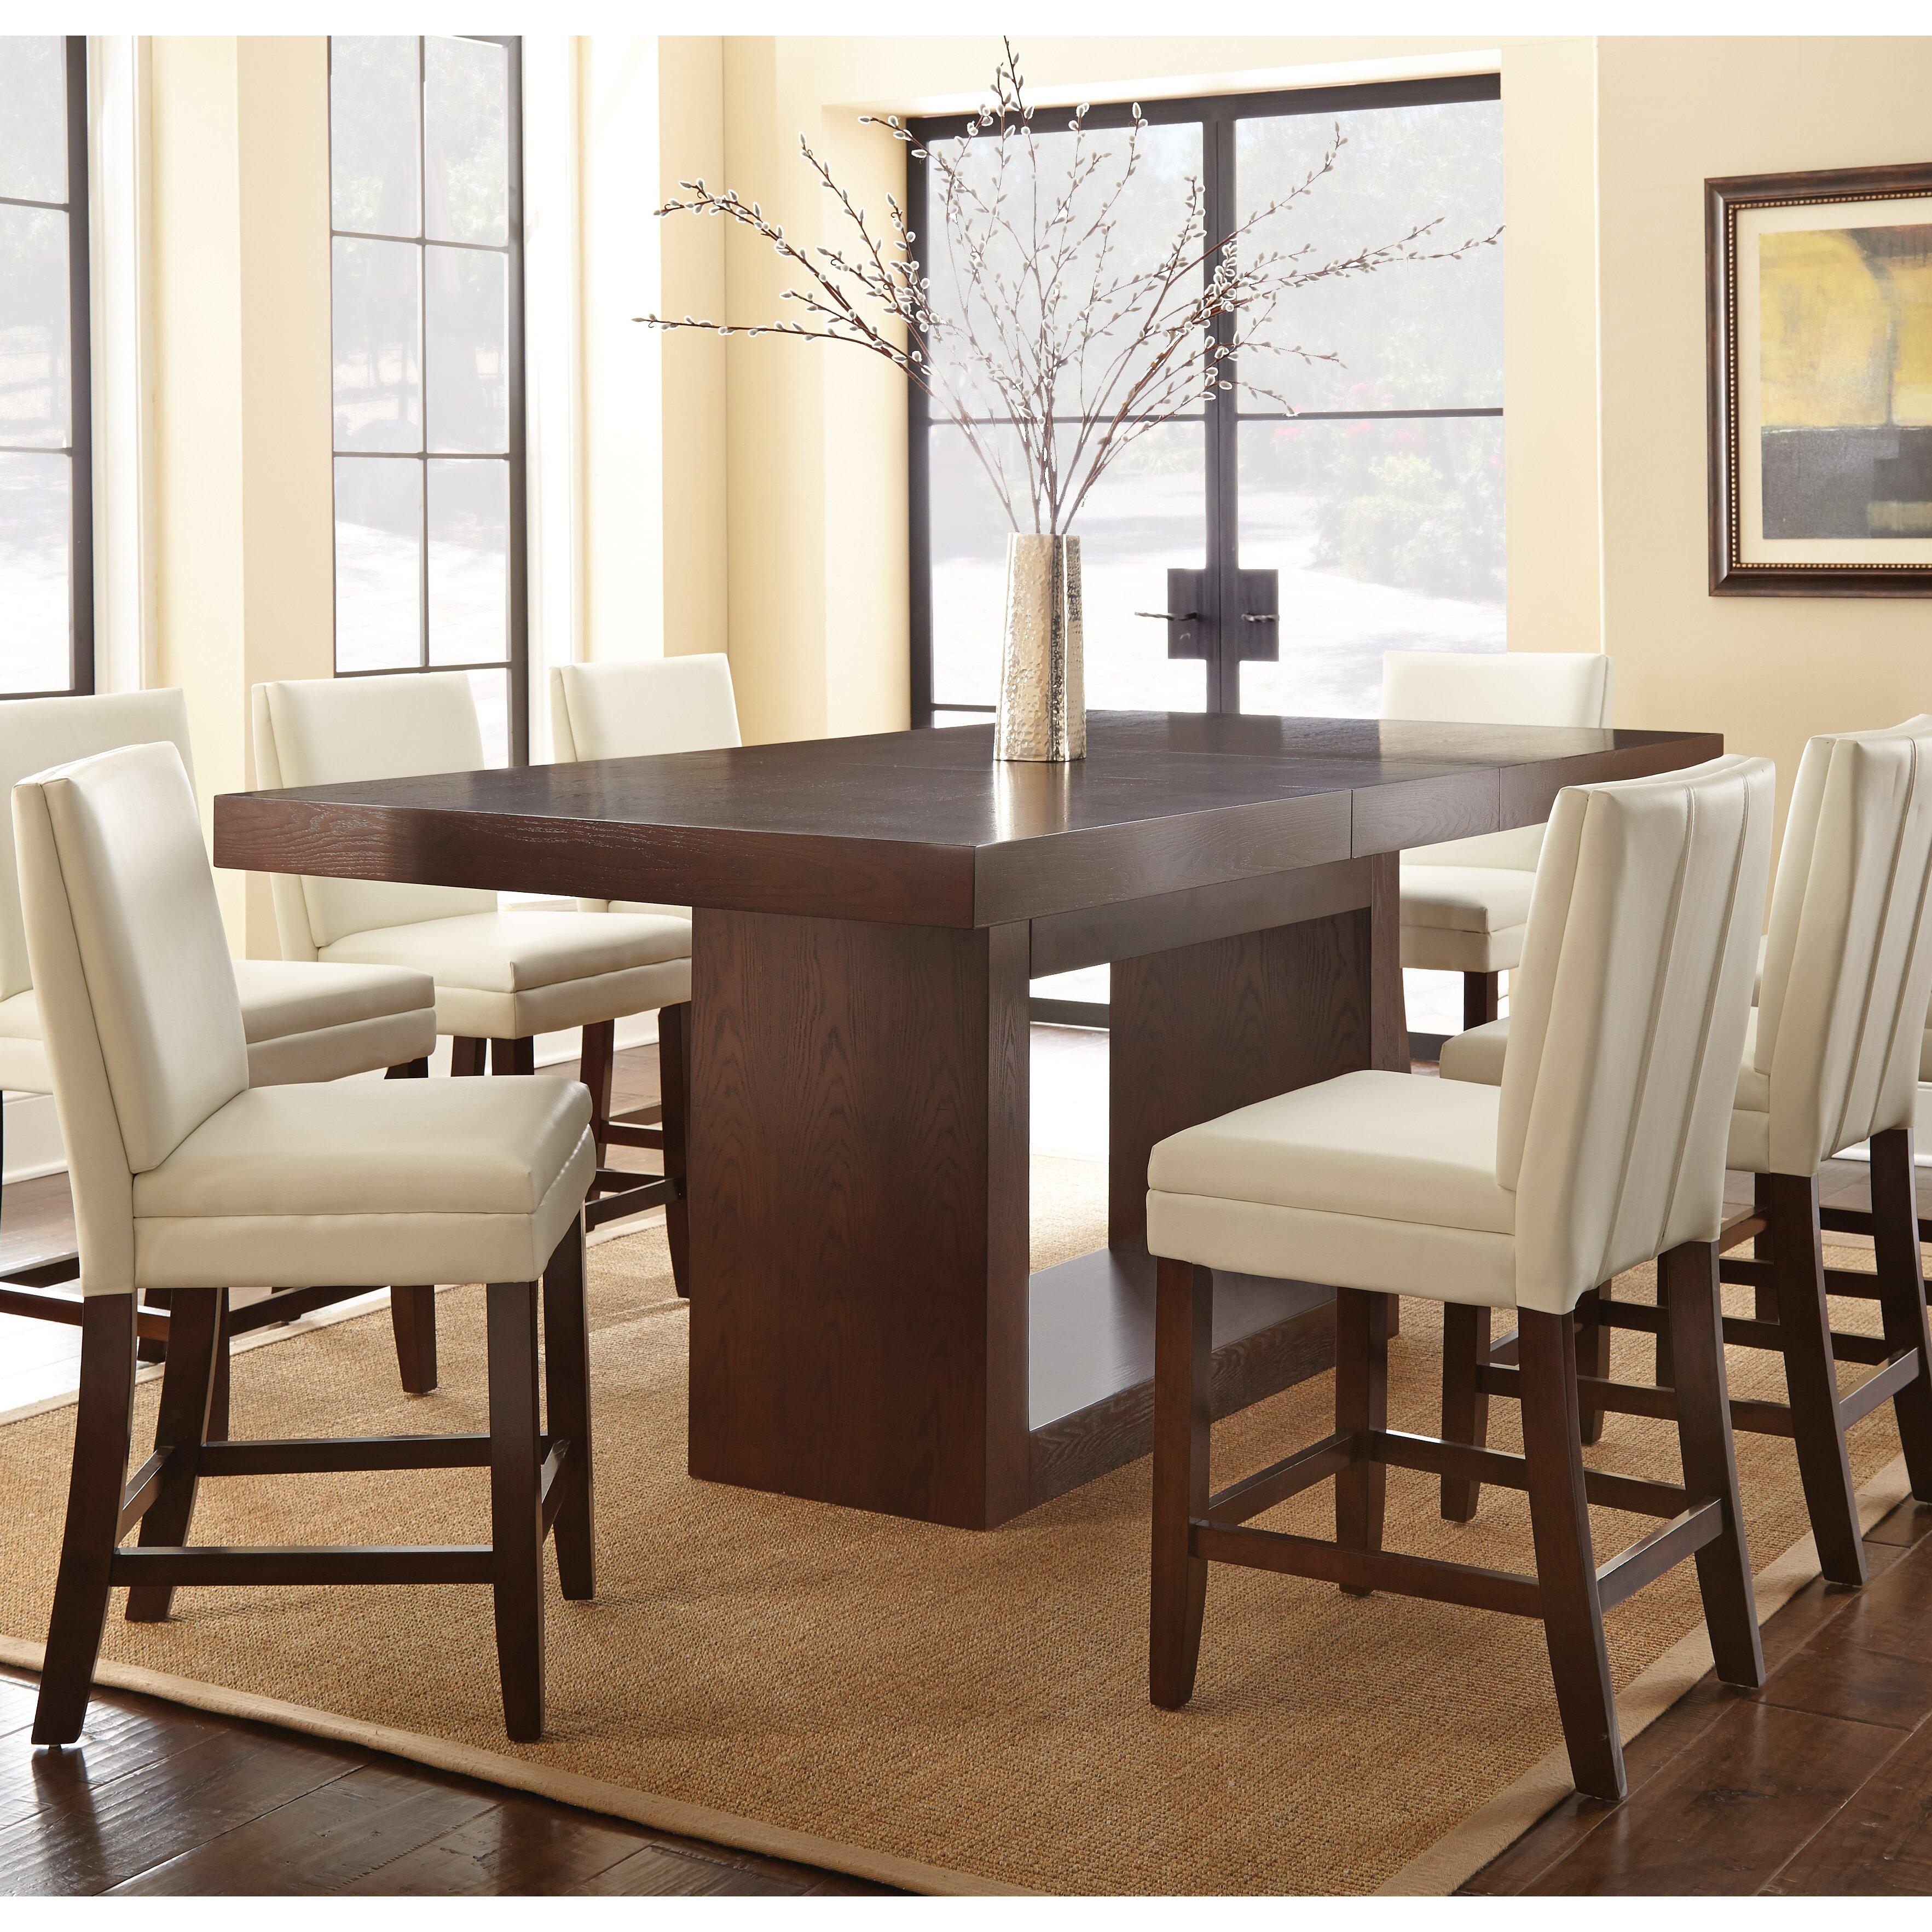 Dining Room Tables San Antonio: Brayden Studio Antonio Counter Height Dining Table